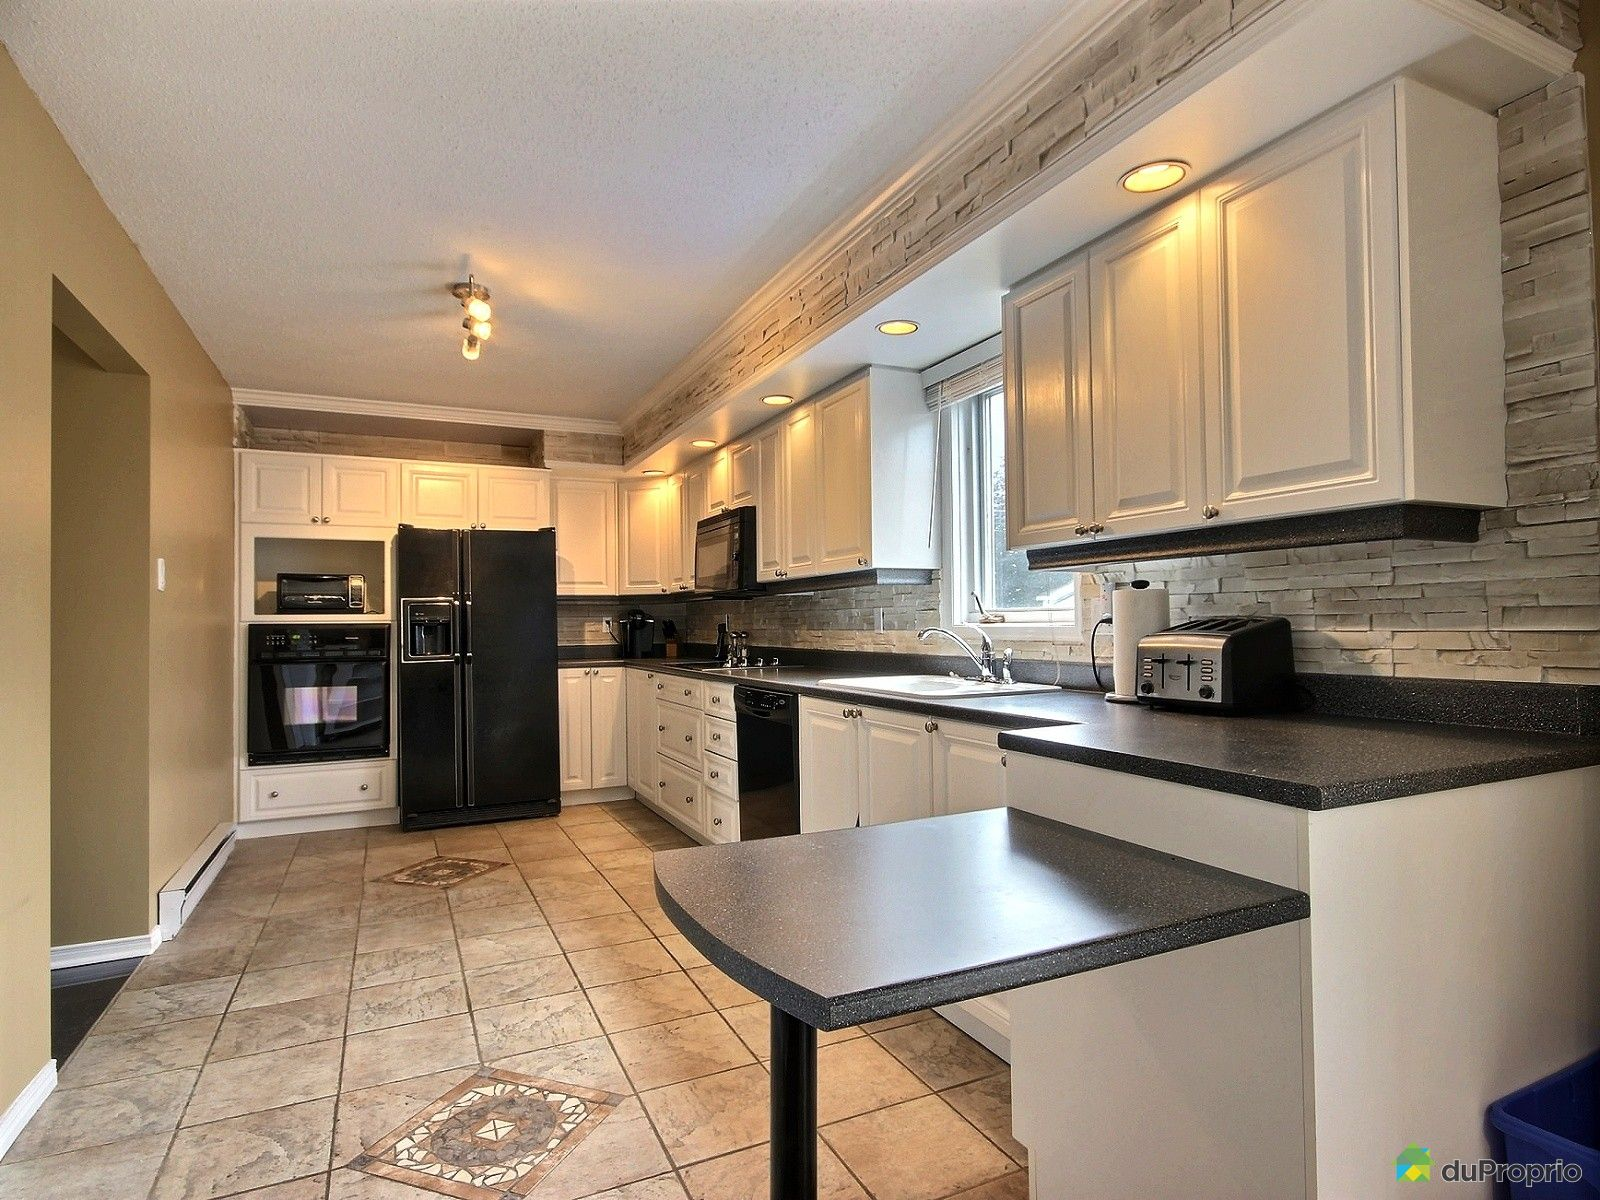 Maison vendre gatineau 132 rue de faillon immobilier for Cuisine gatineau